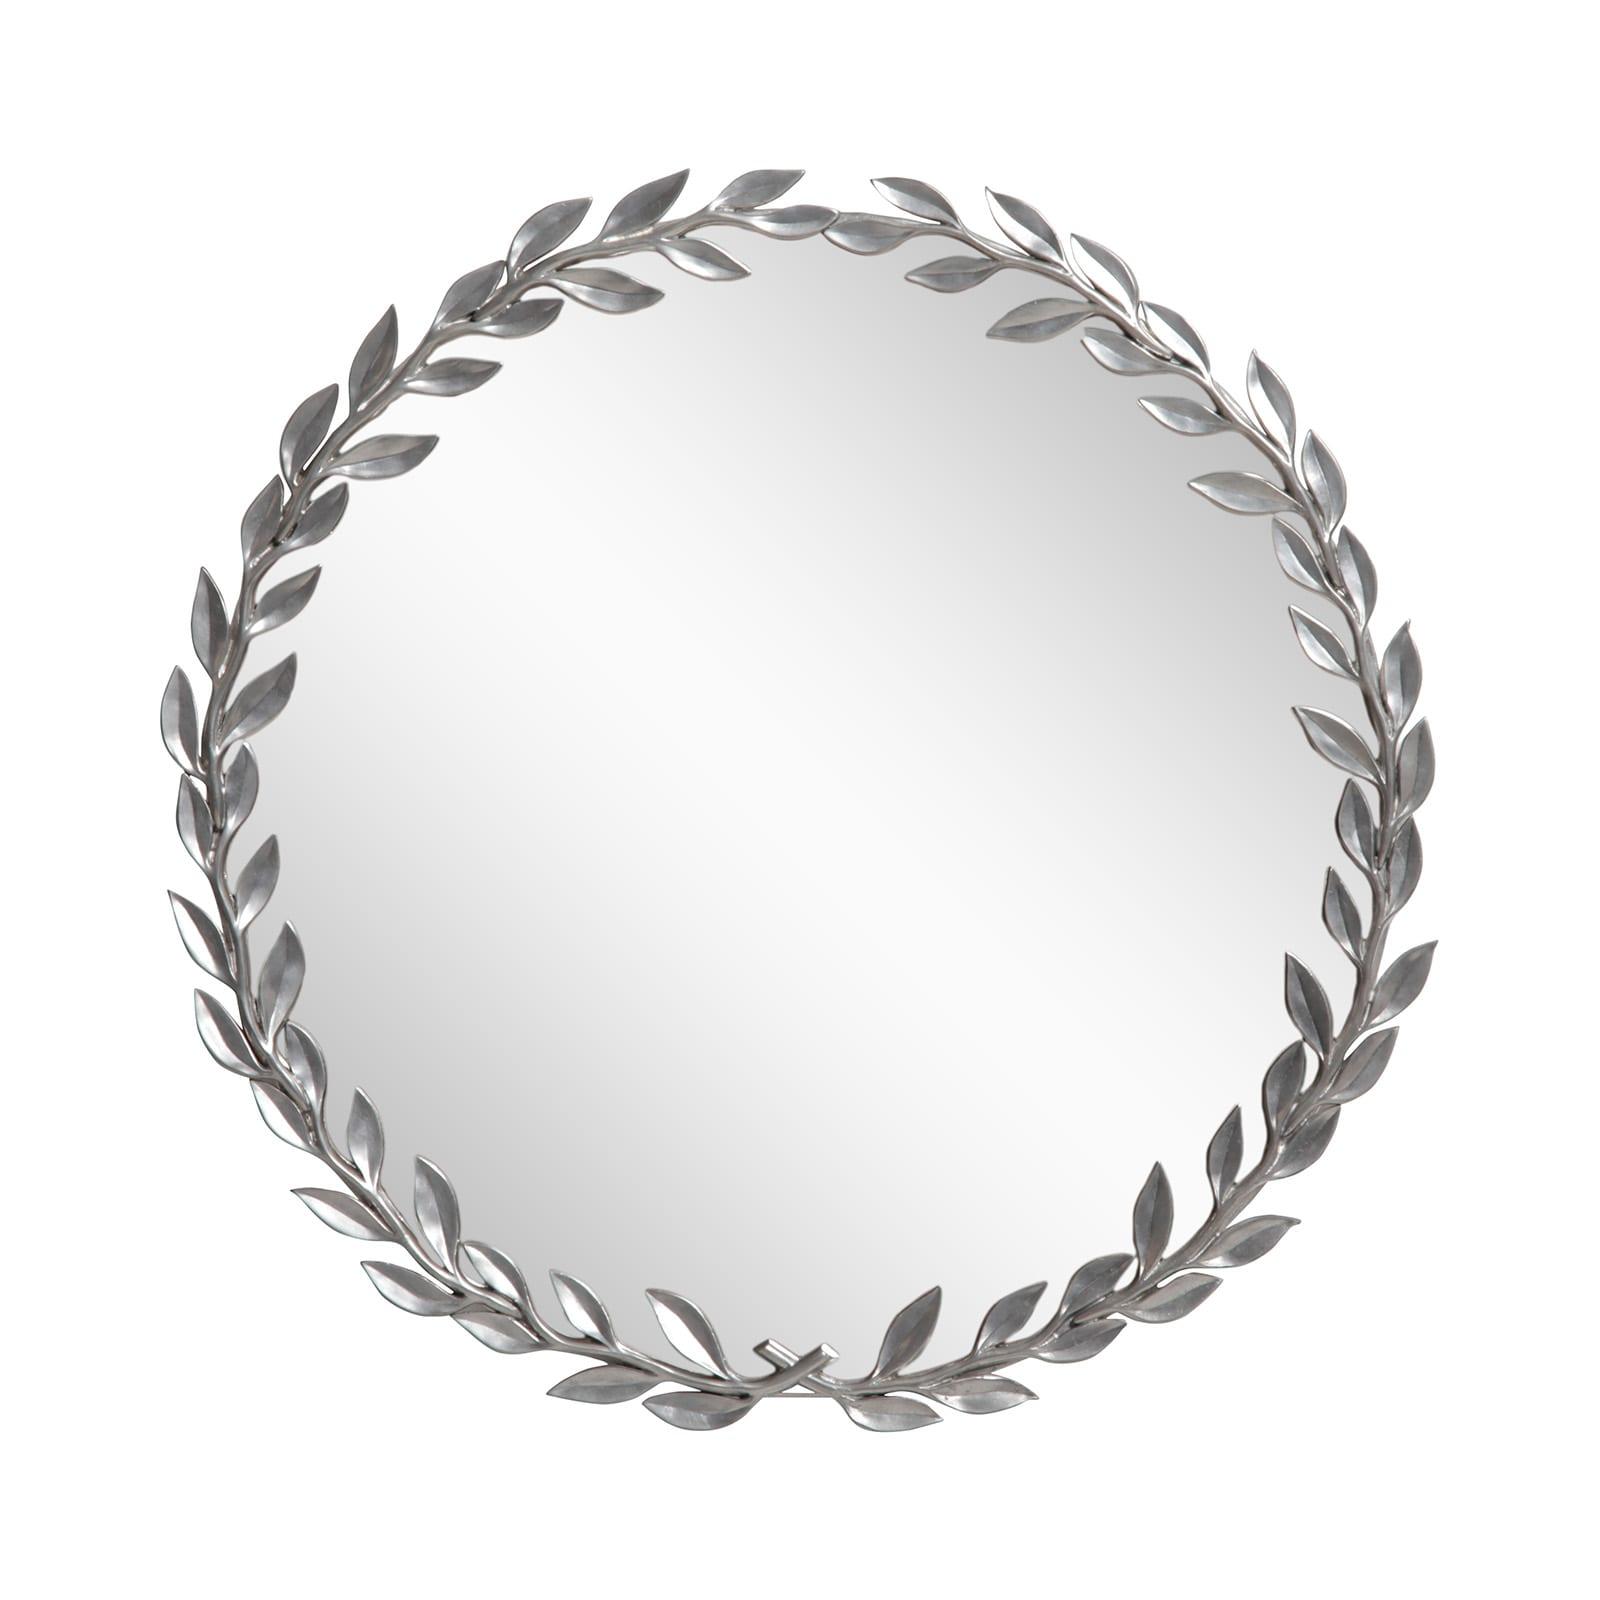 Pewter mirror